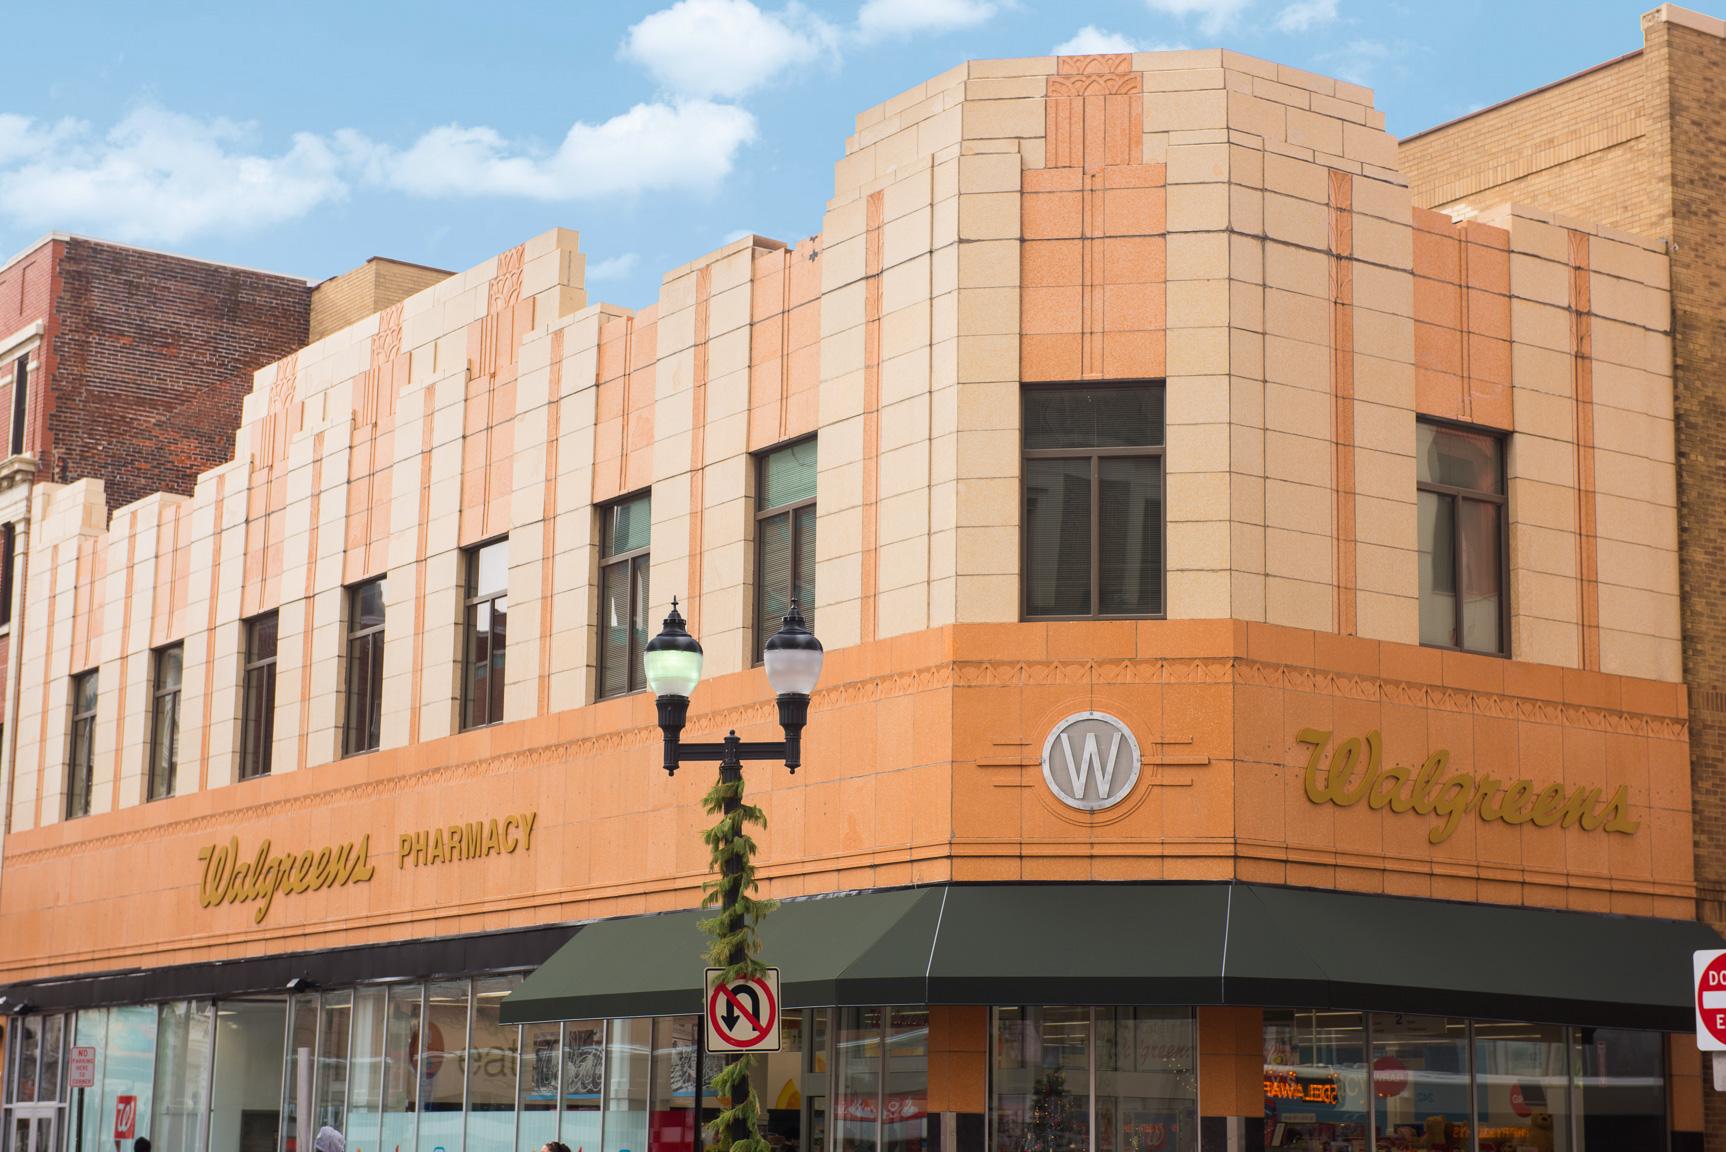 Walgreens at 839 Market Street Wilmington, DE